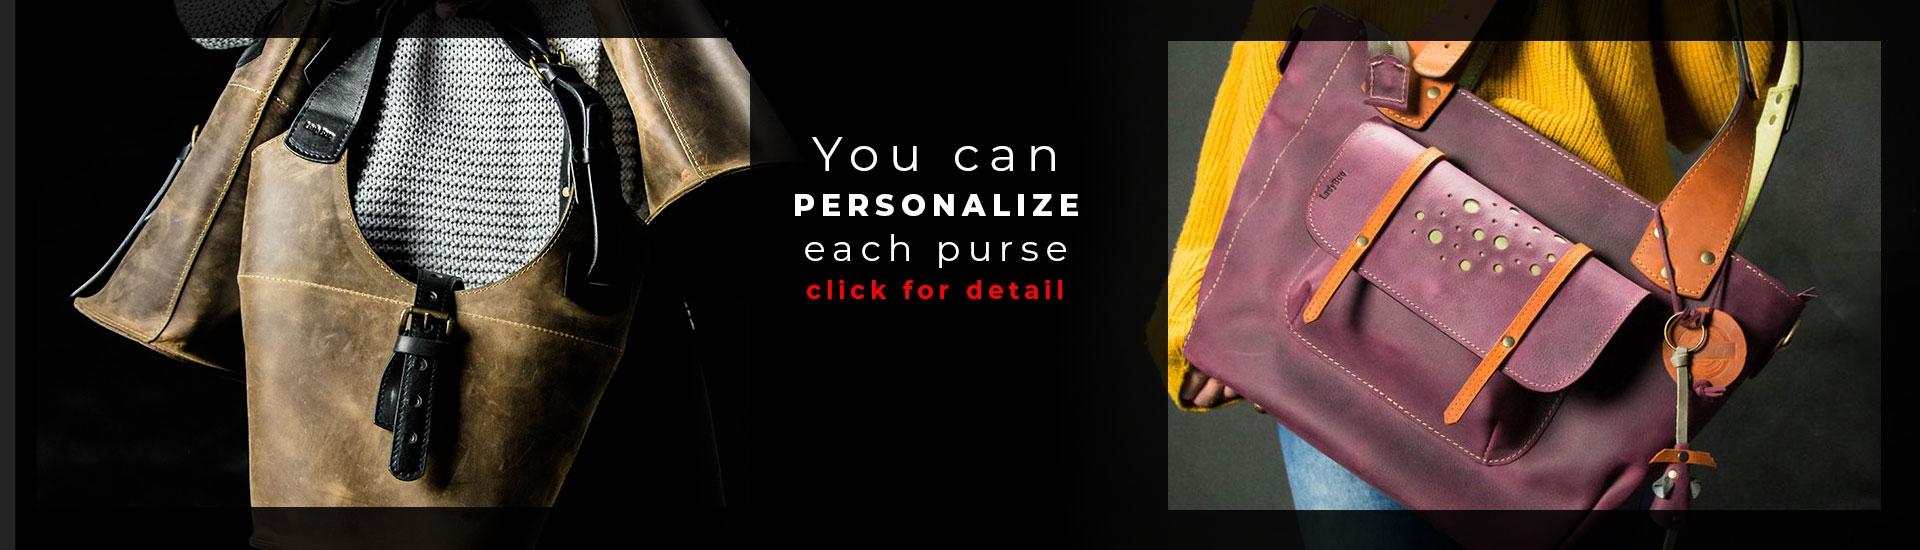 Nous renversons le mythe selon lequel il n'y a pas de sac parfait! Grâce à notre option de personnalisation, vous pouvez acheter un sac qui dépassera vos besoins à 100% maintenant!